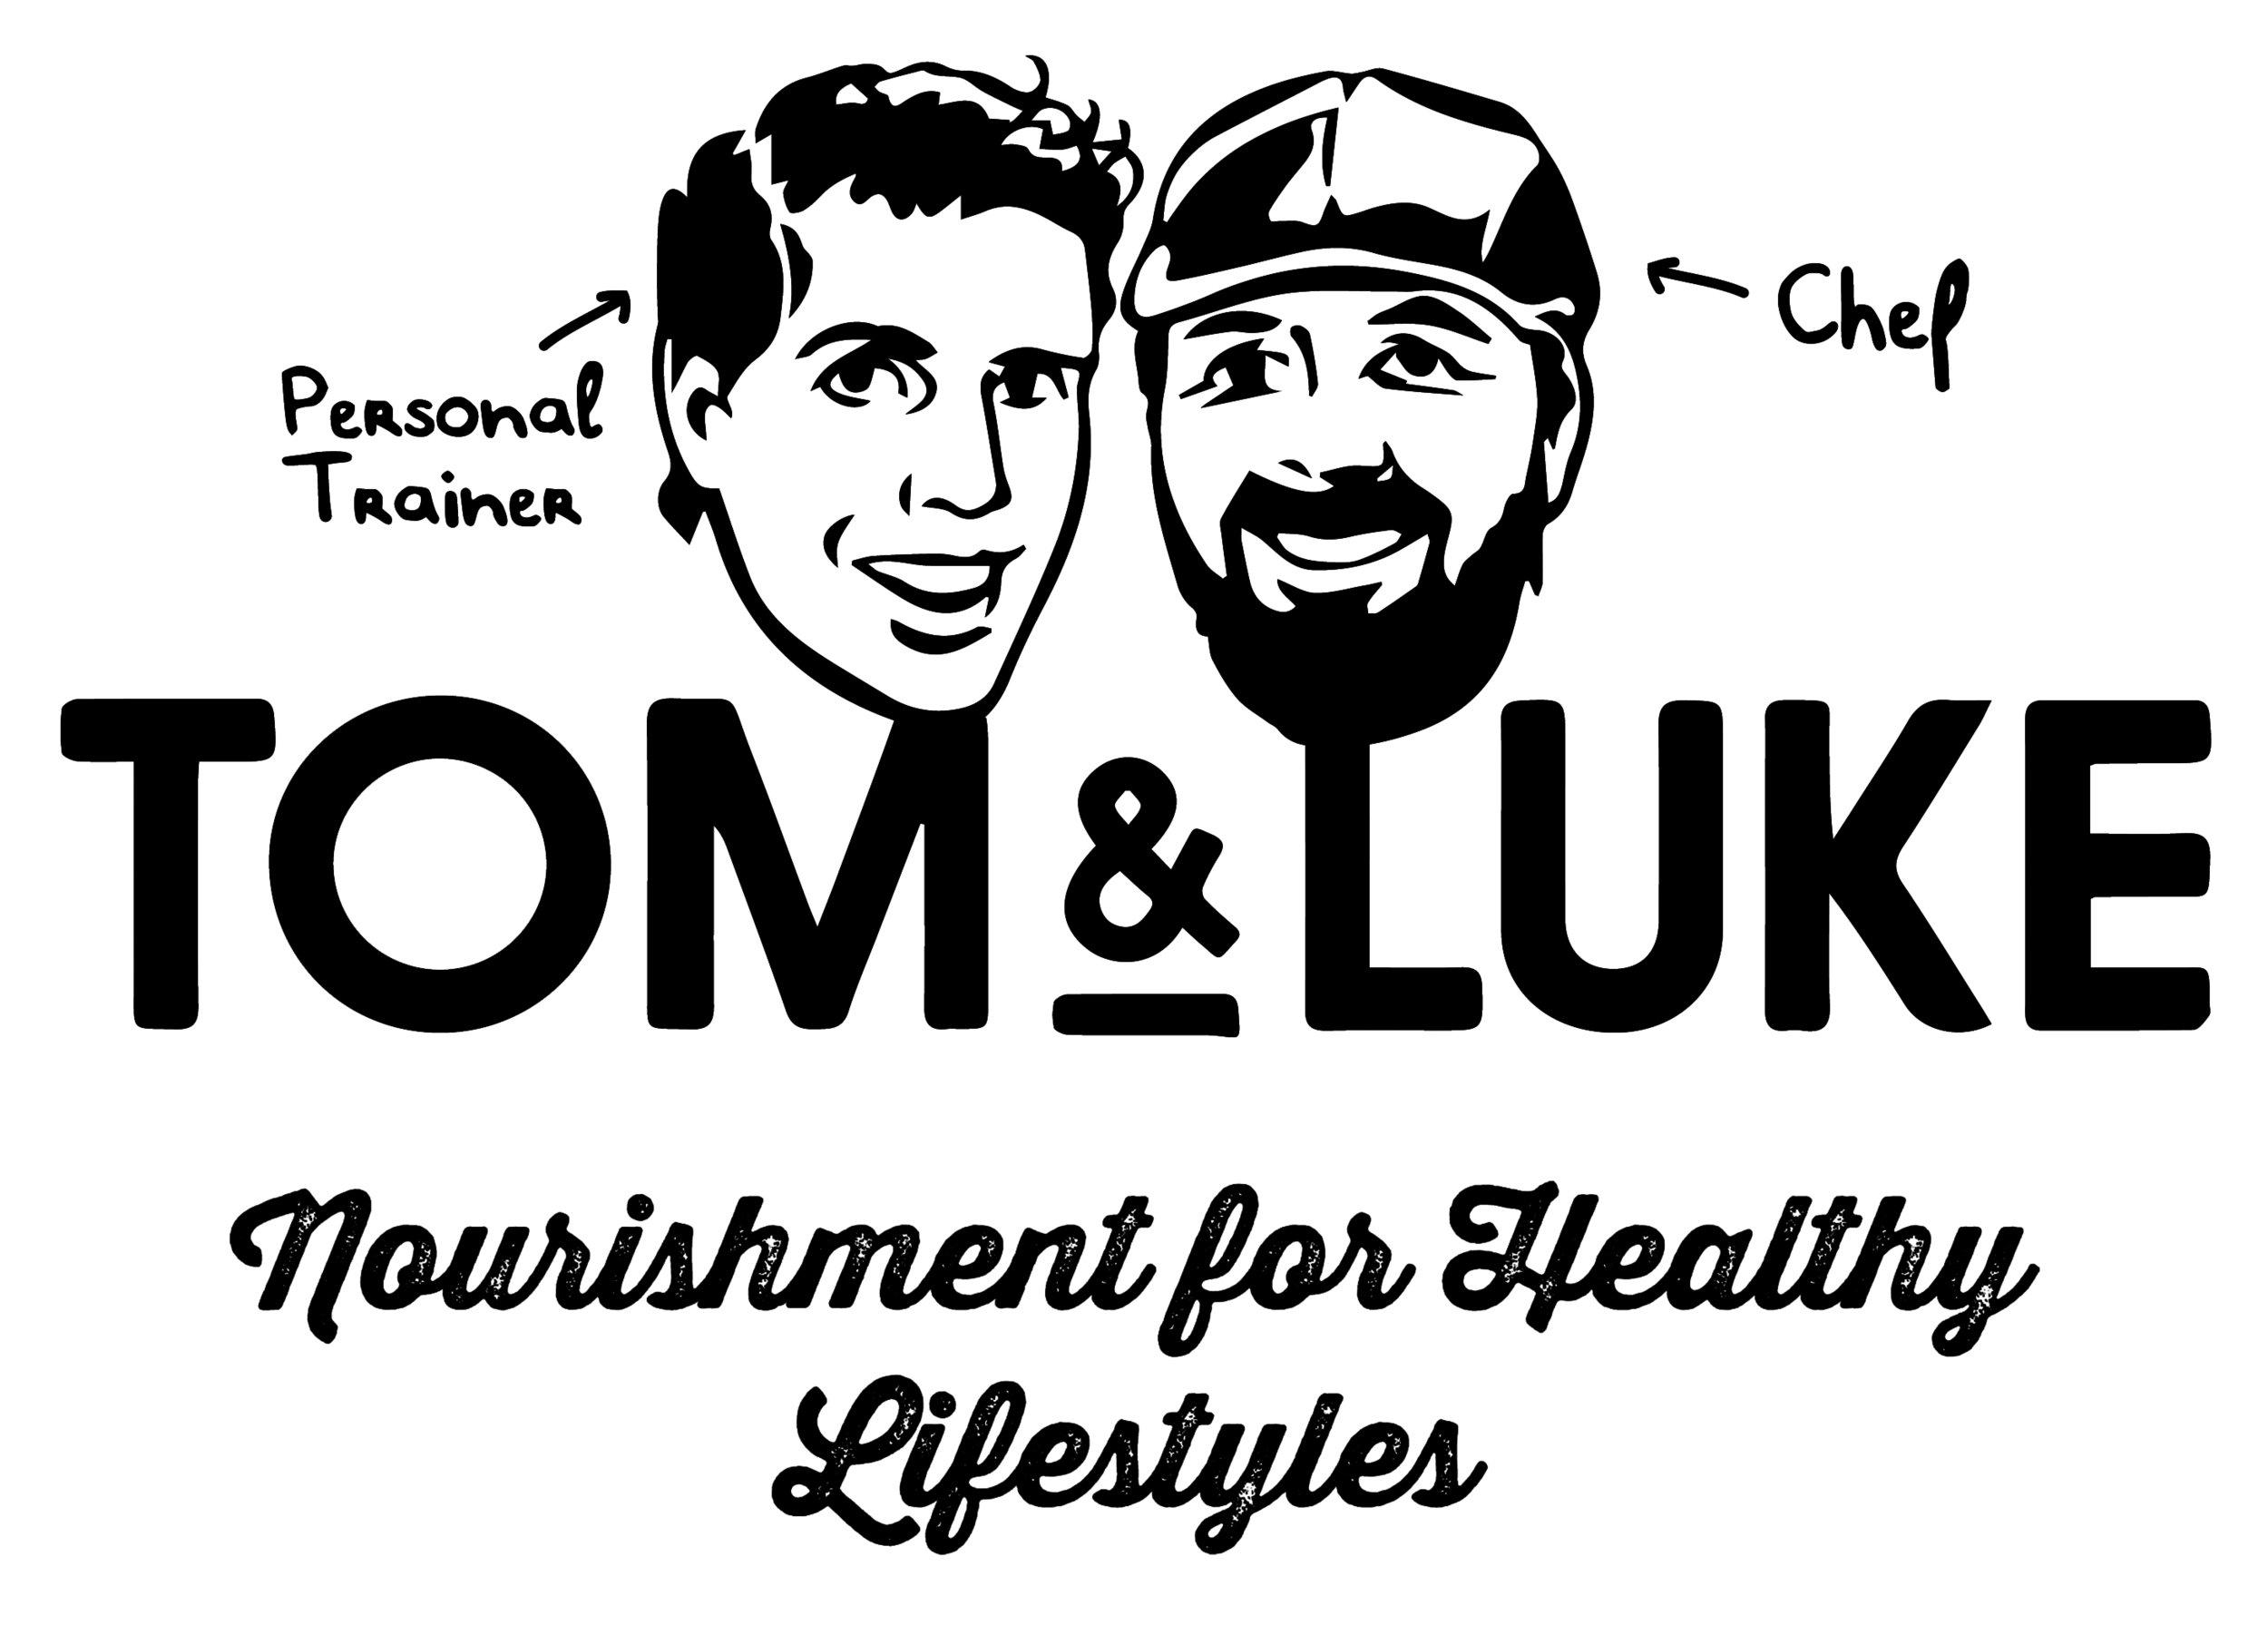 Tom & Luke logo.jpg